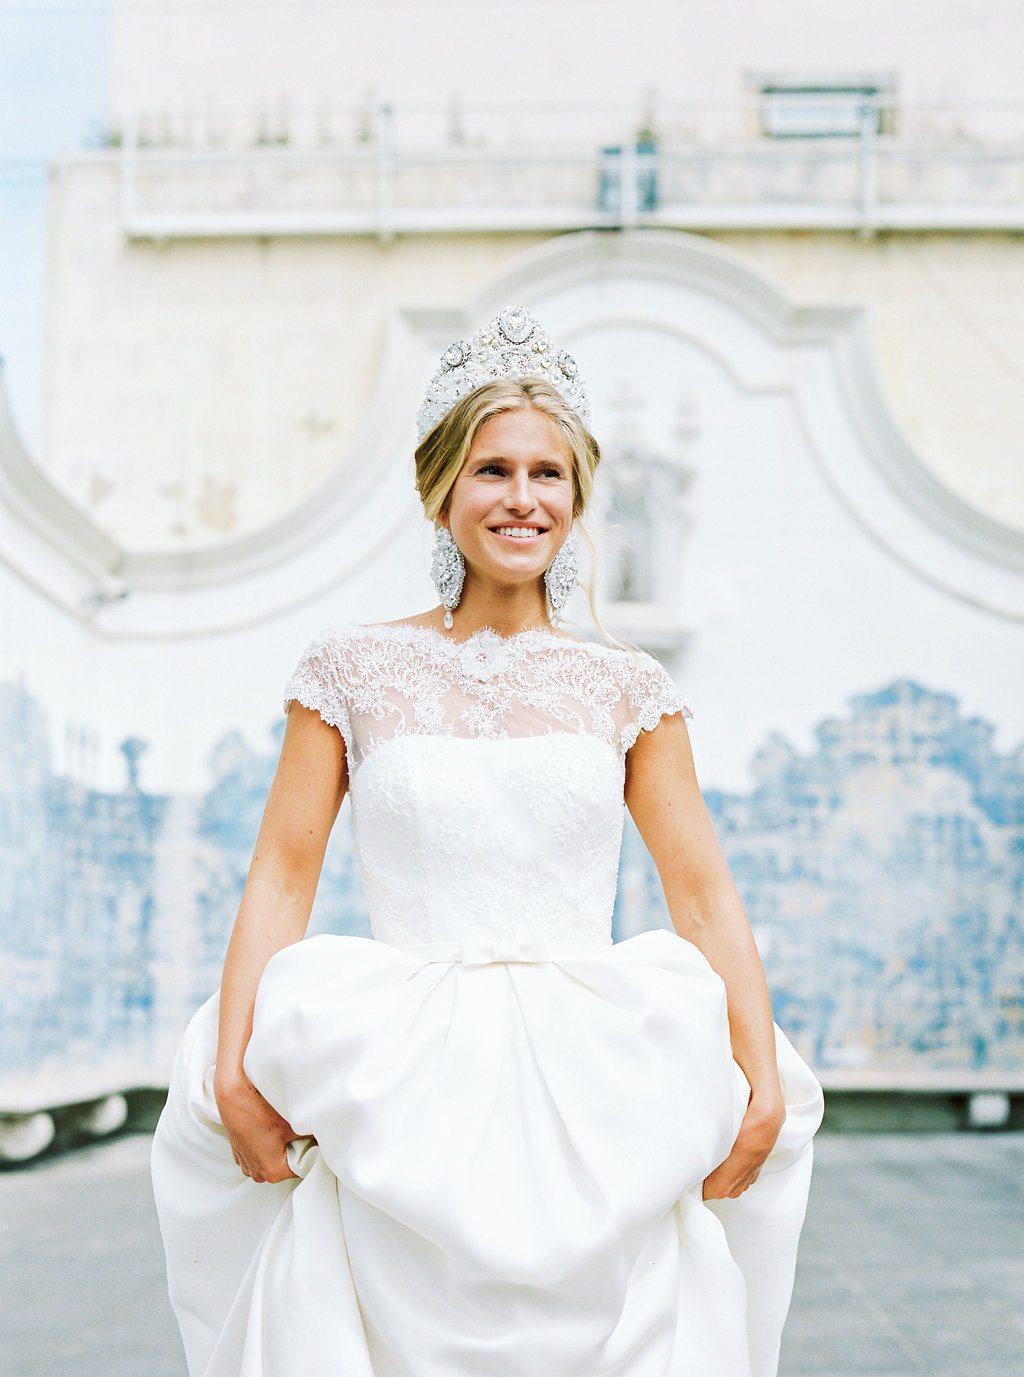 Идеальная невеста от Rosa Clara: стилизованная фотосессия